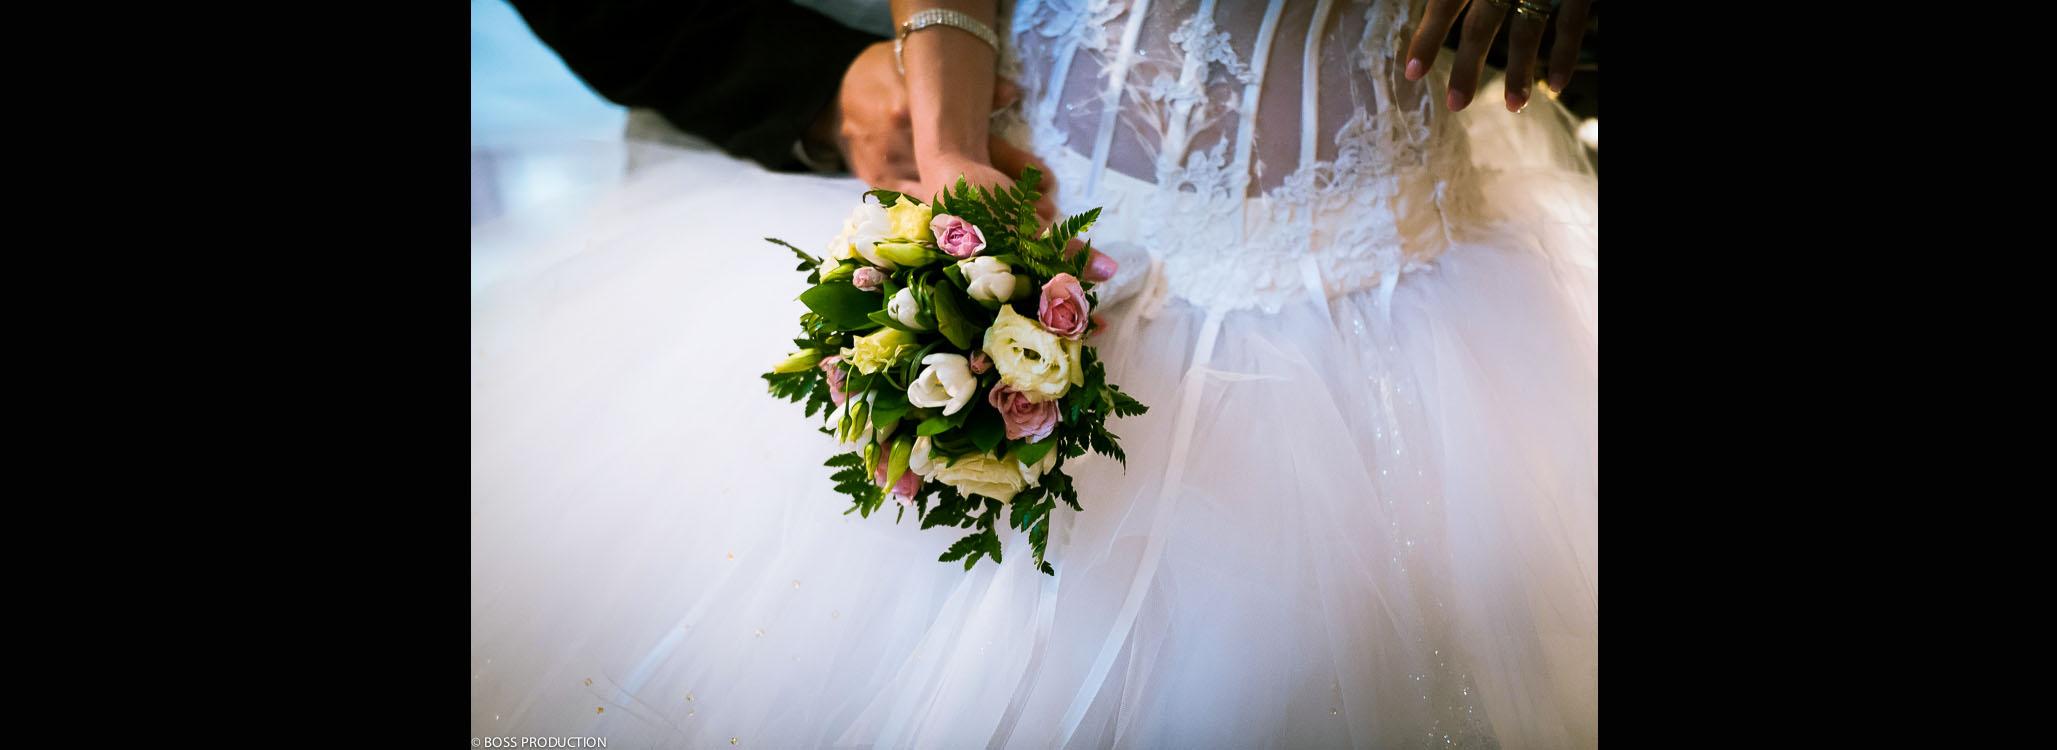 BOSS-PROD-MARIAGE-14